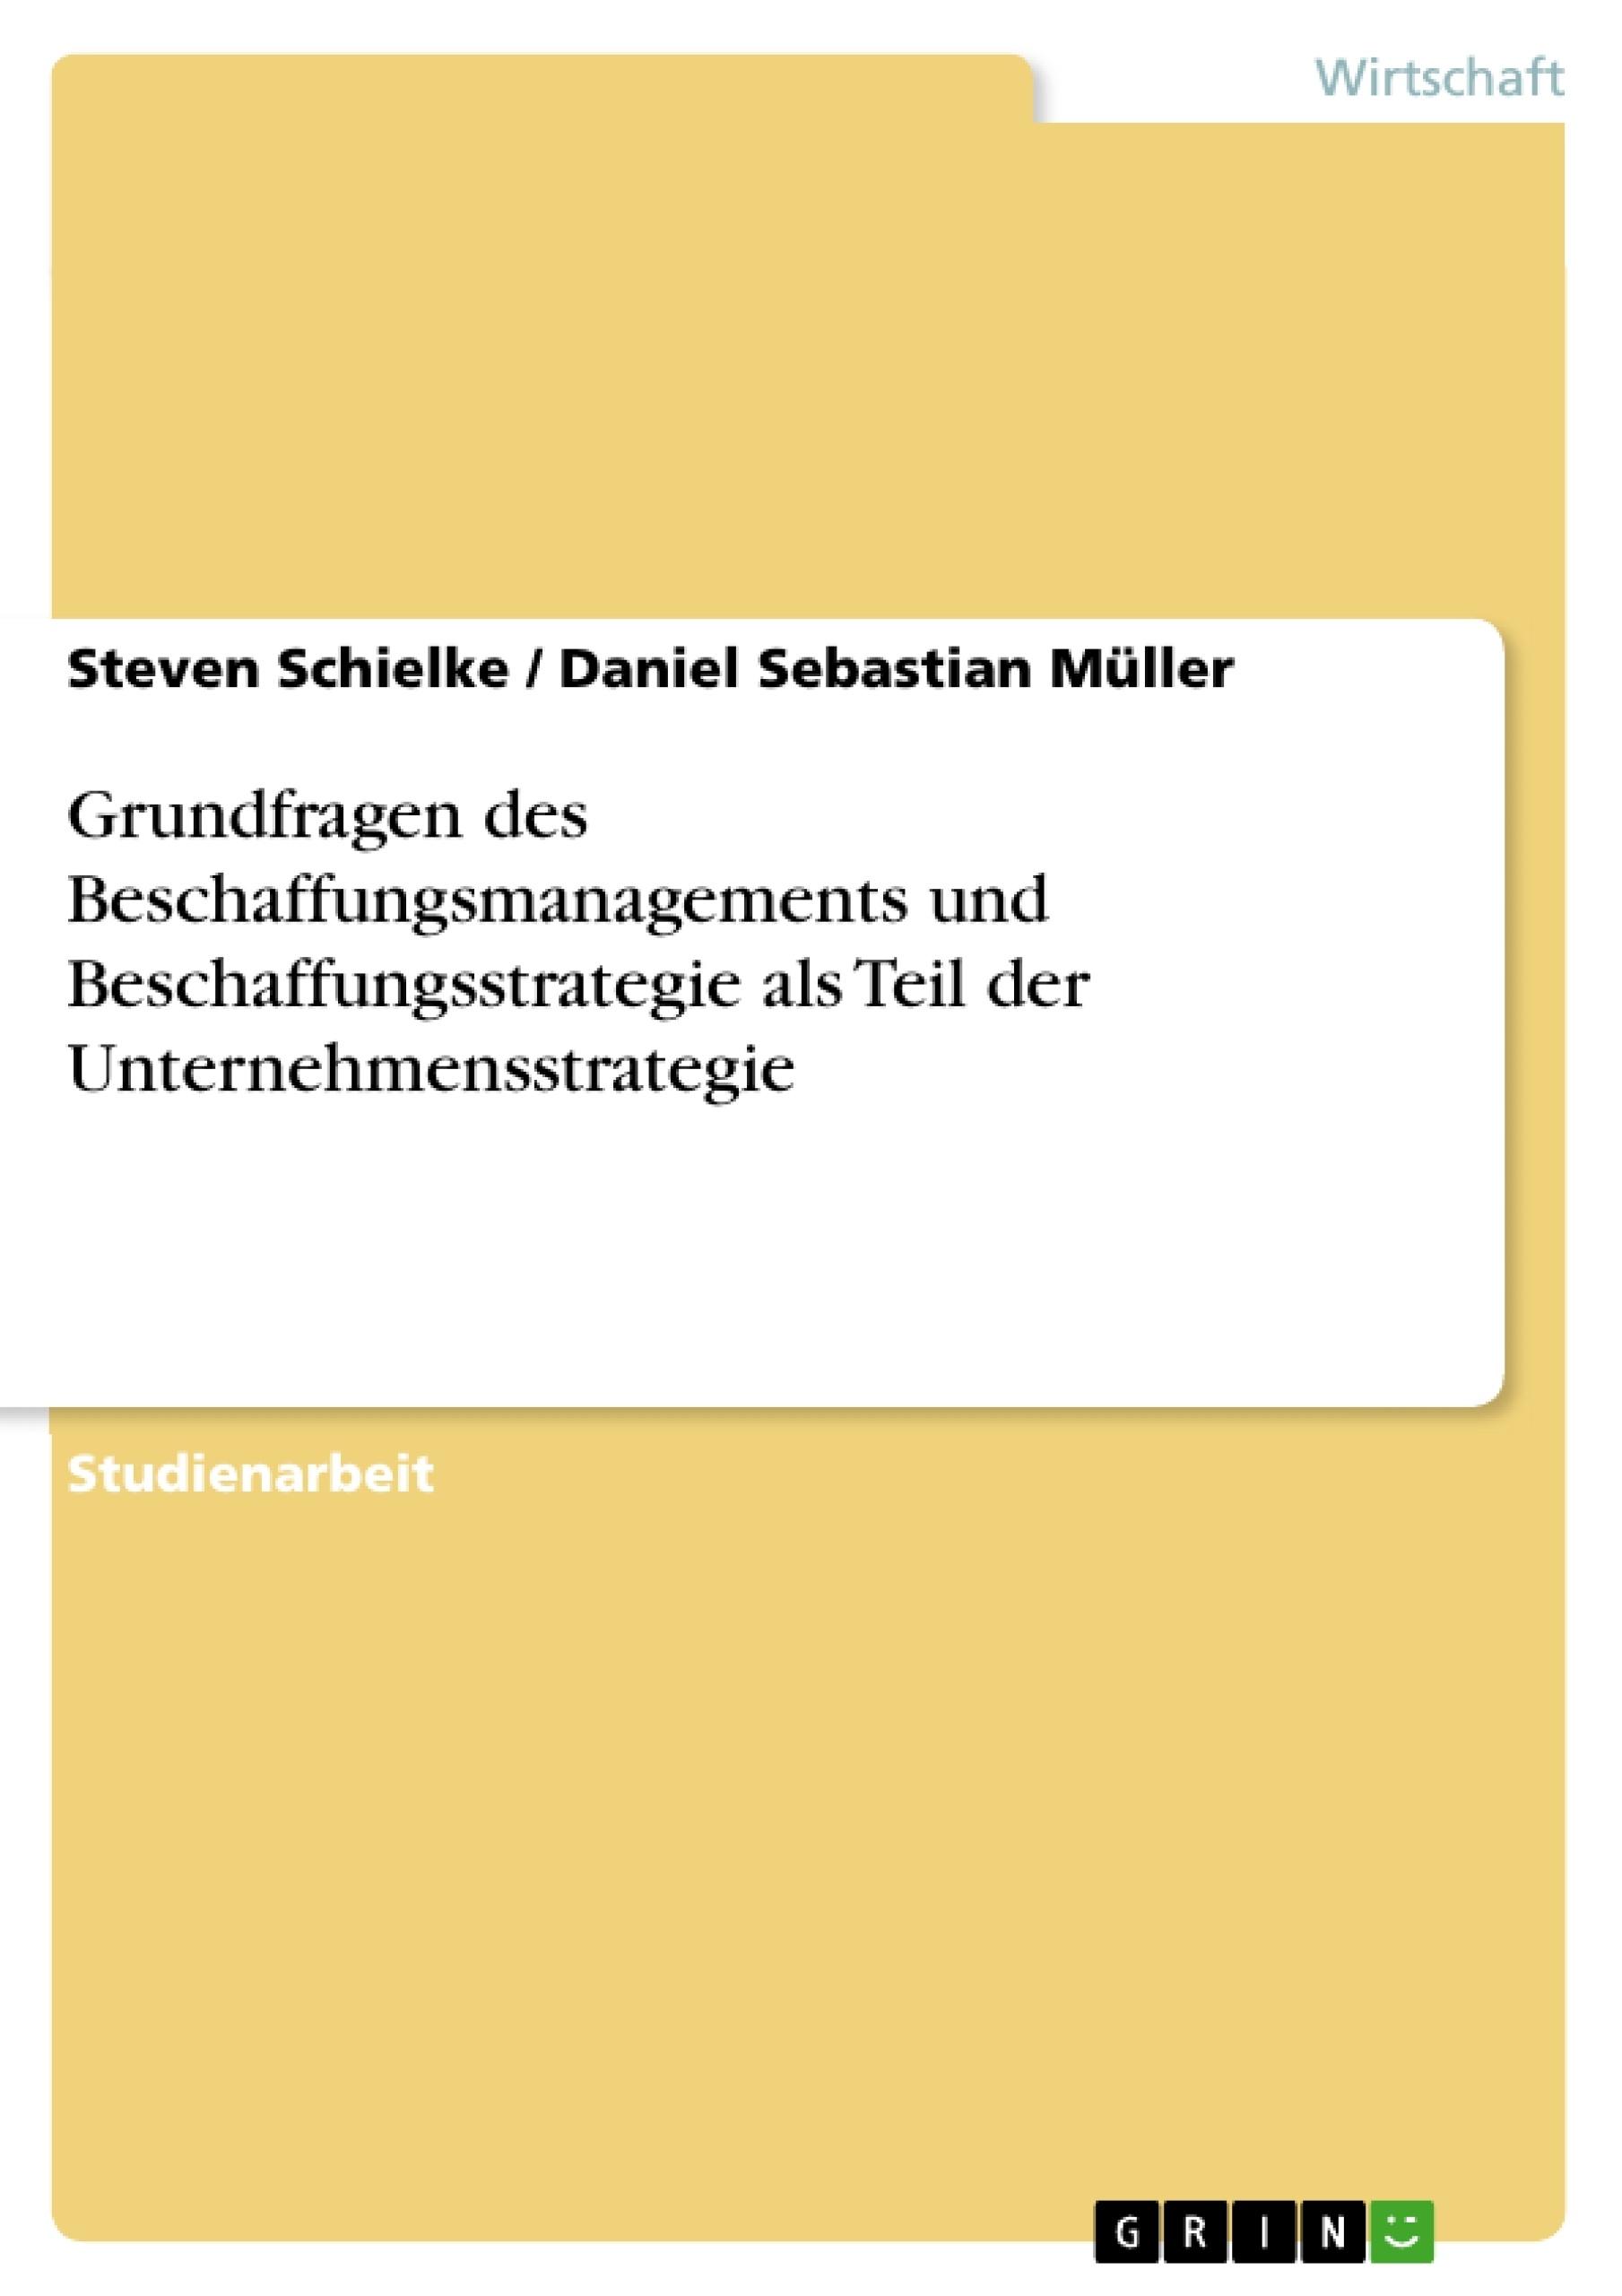 Titel: Grundfragen des Beschaffungsmanagements und Beschaffungsstrategie als Teil der Unternehmensstrategie